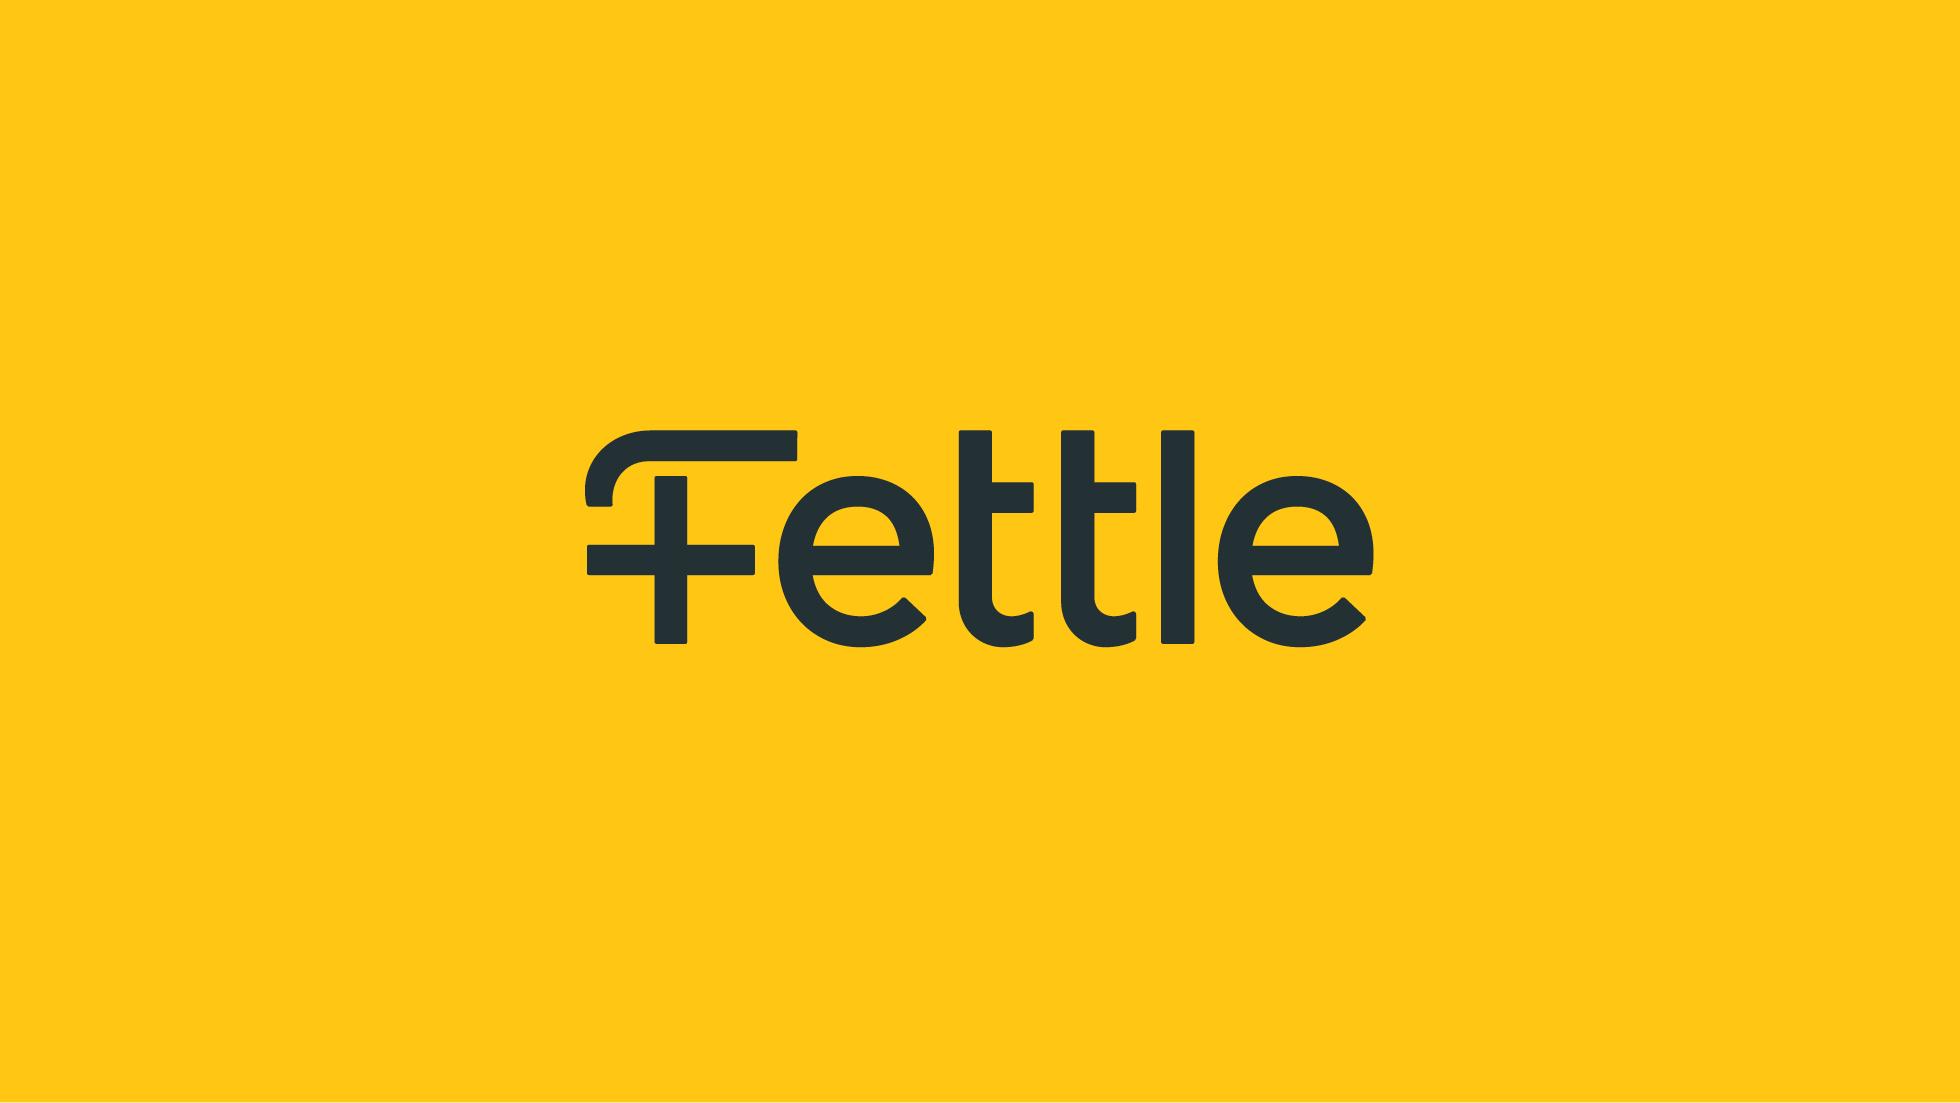 Fettle_Wordmark